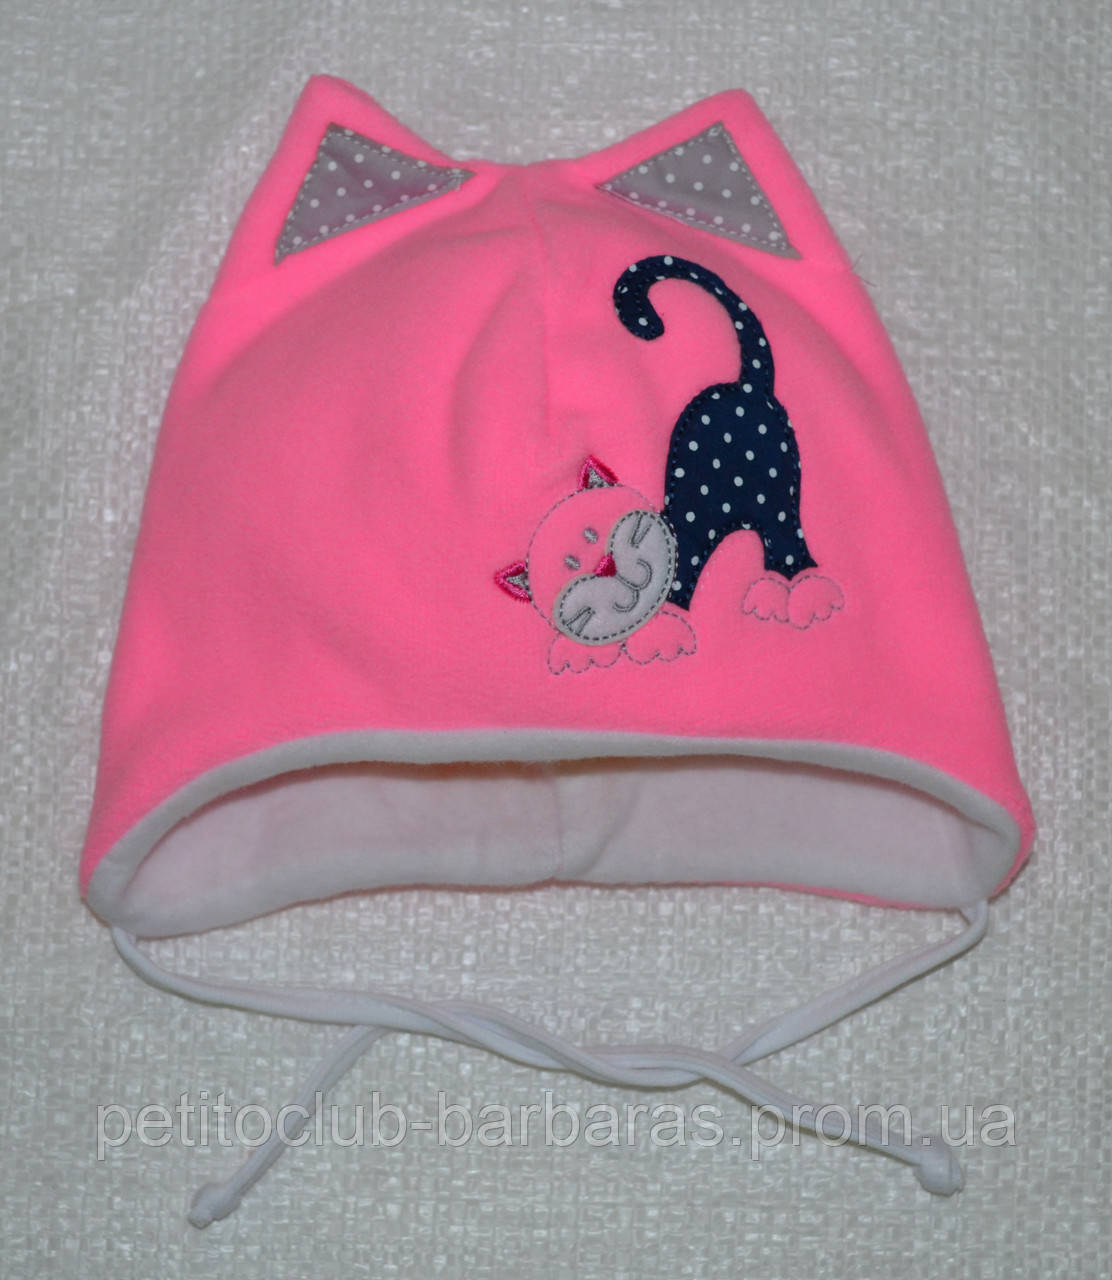 Шапка демисезонная Киска для девочки розовая (AJS, Польша)